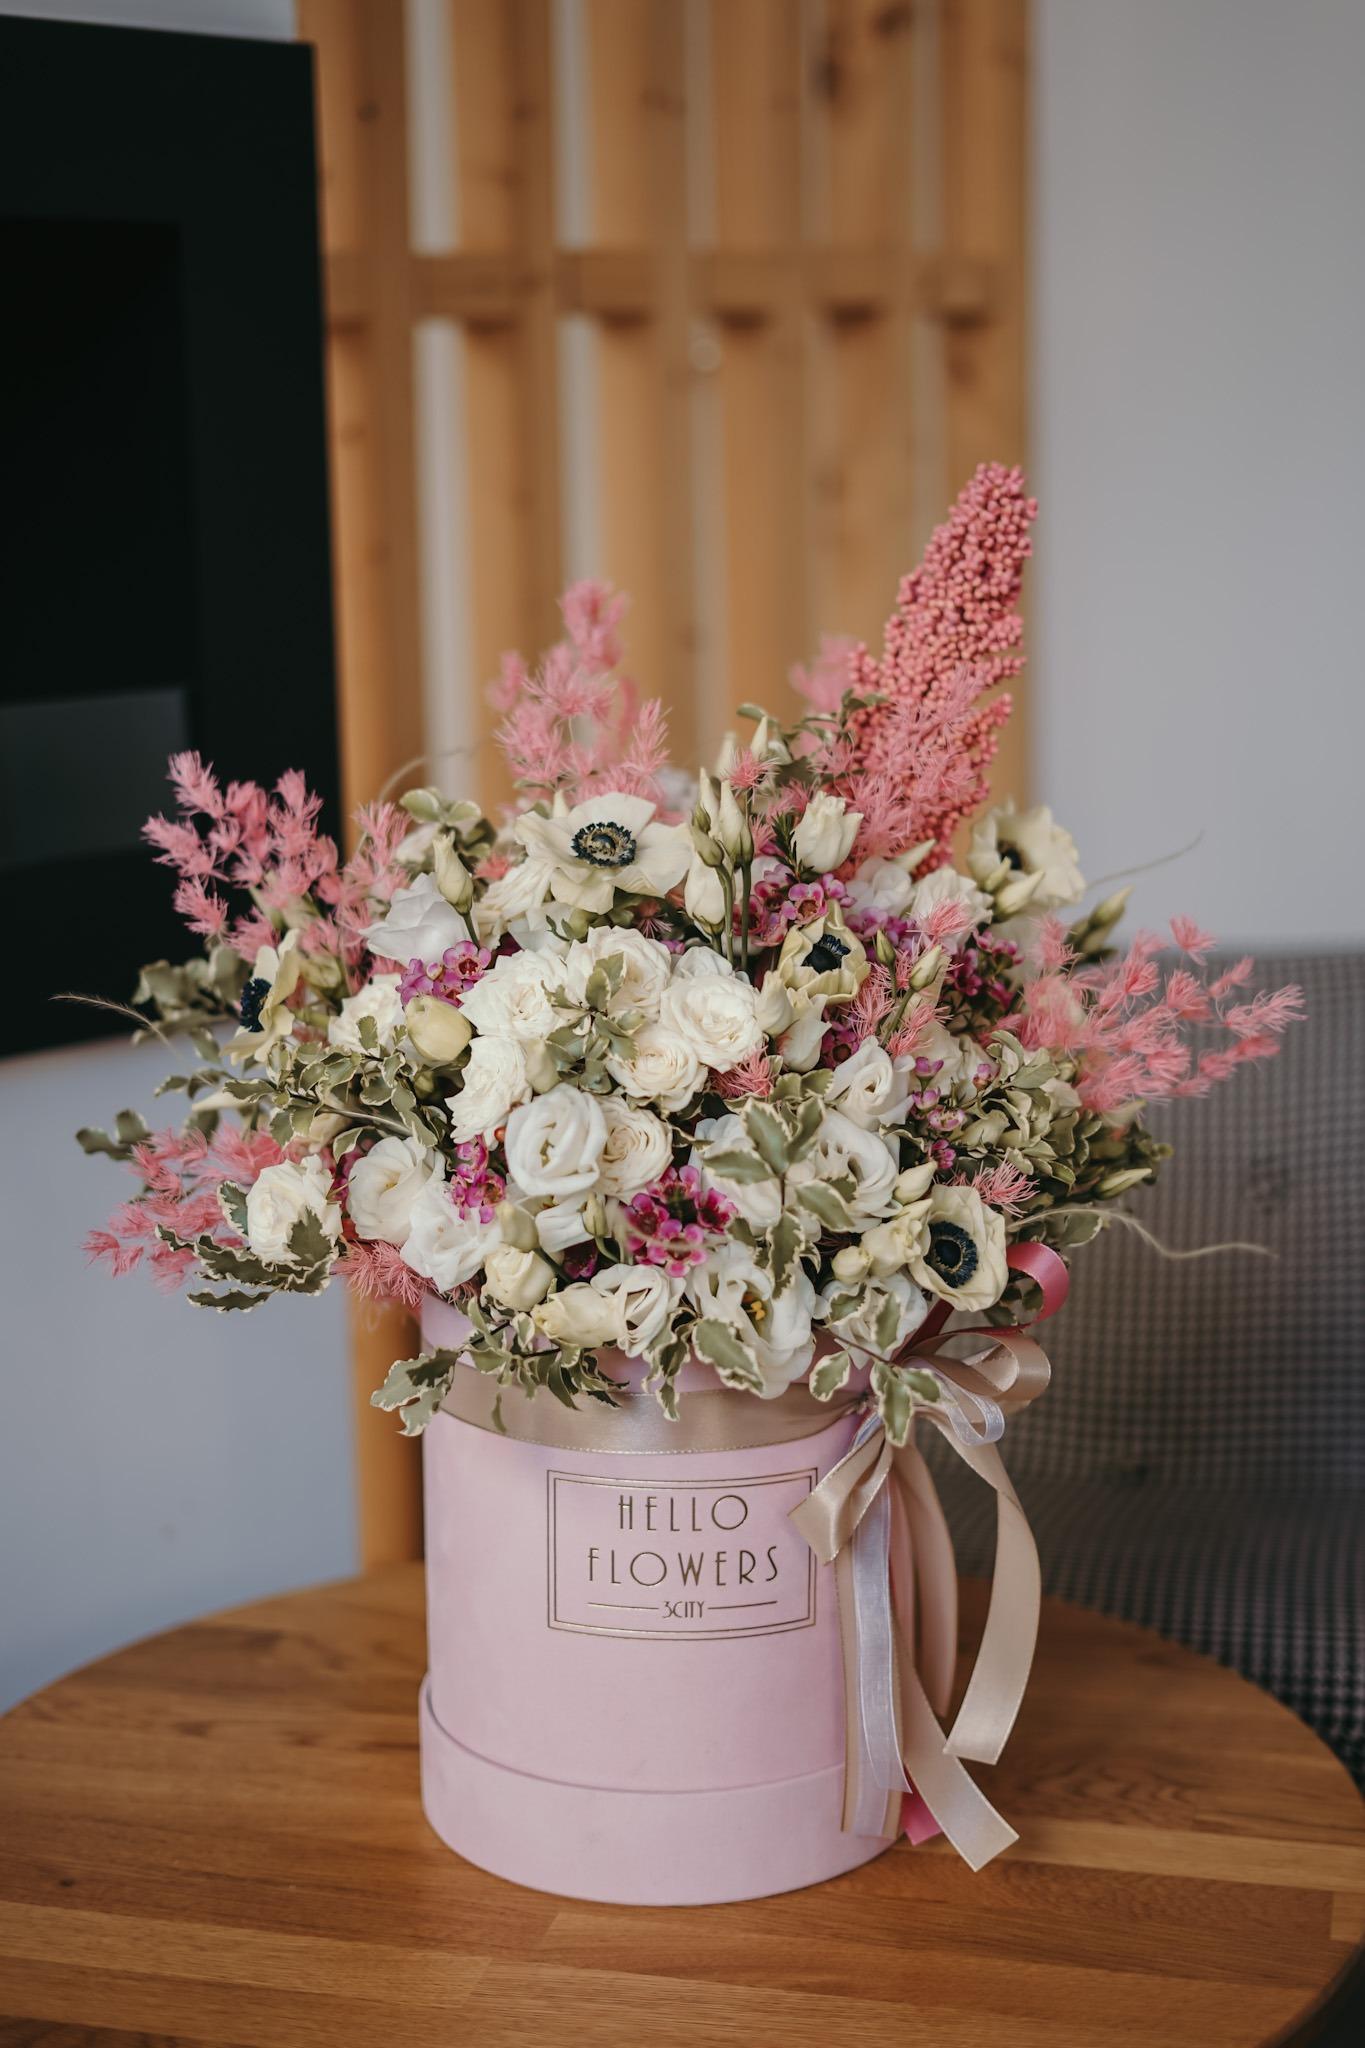 HelloFlowers kwiaciarnia Gdansk 15 - Dzień Kobiet. Gdzie kupimy piękne bukiety?